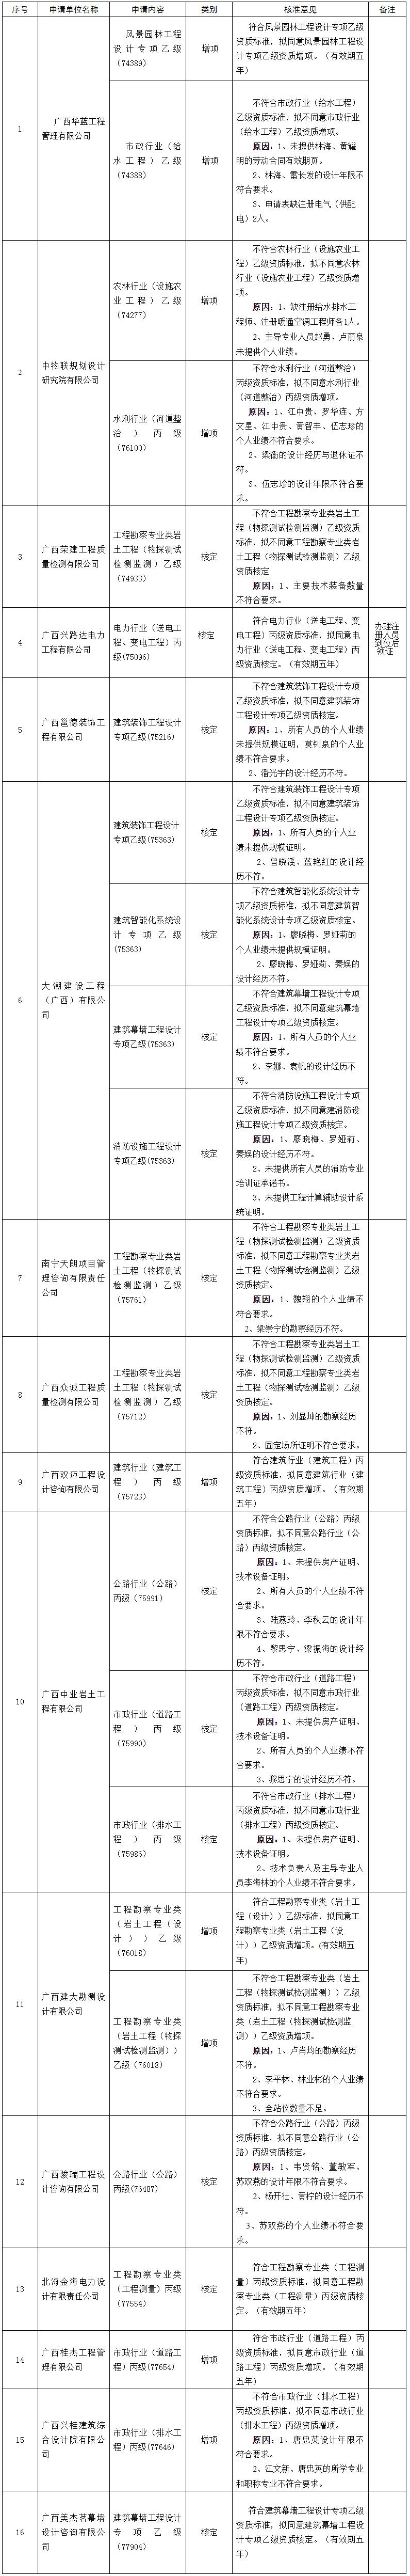 广西住房和城乡建设厅网站--_关于公布2020年第九批工程勘察设计企业资质核准结果的公告(1747号副本.png